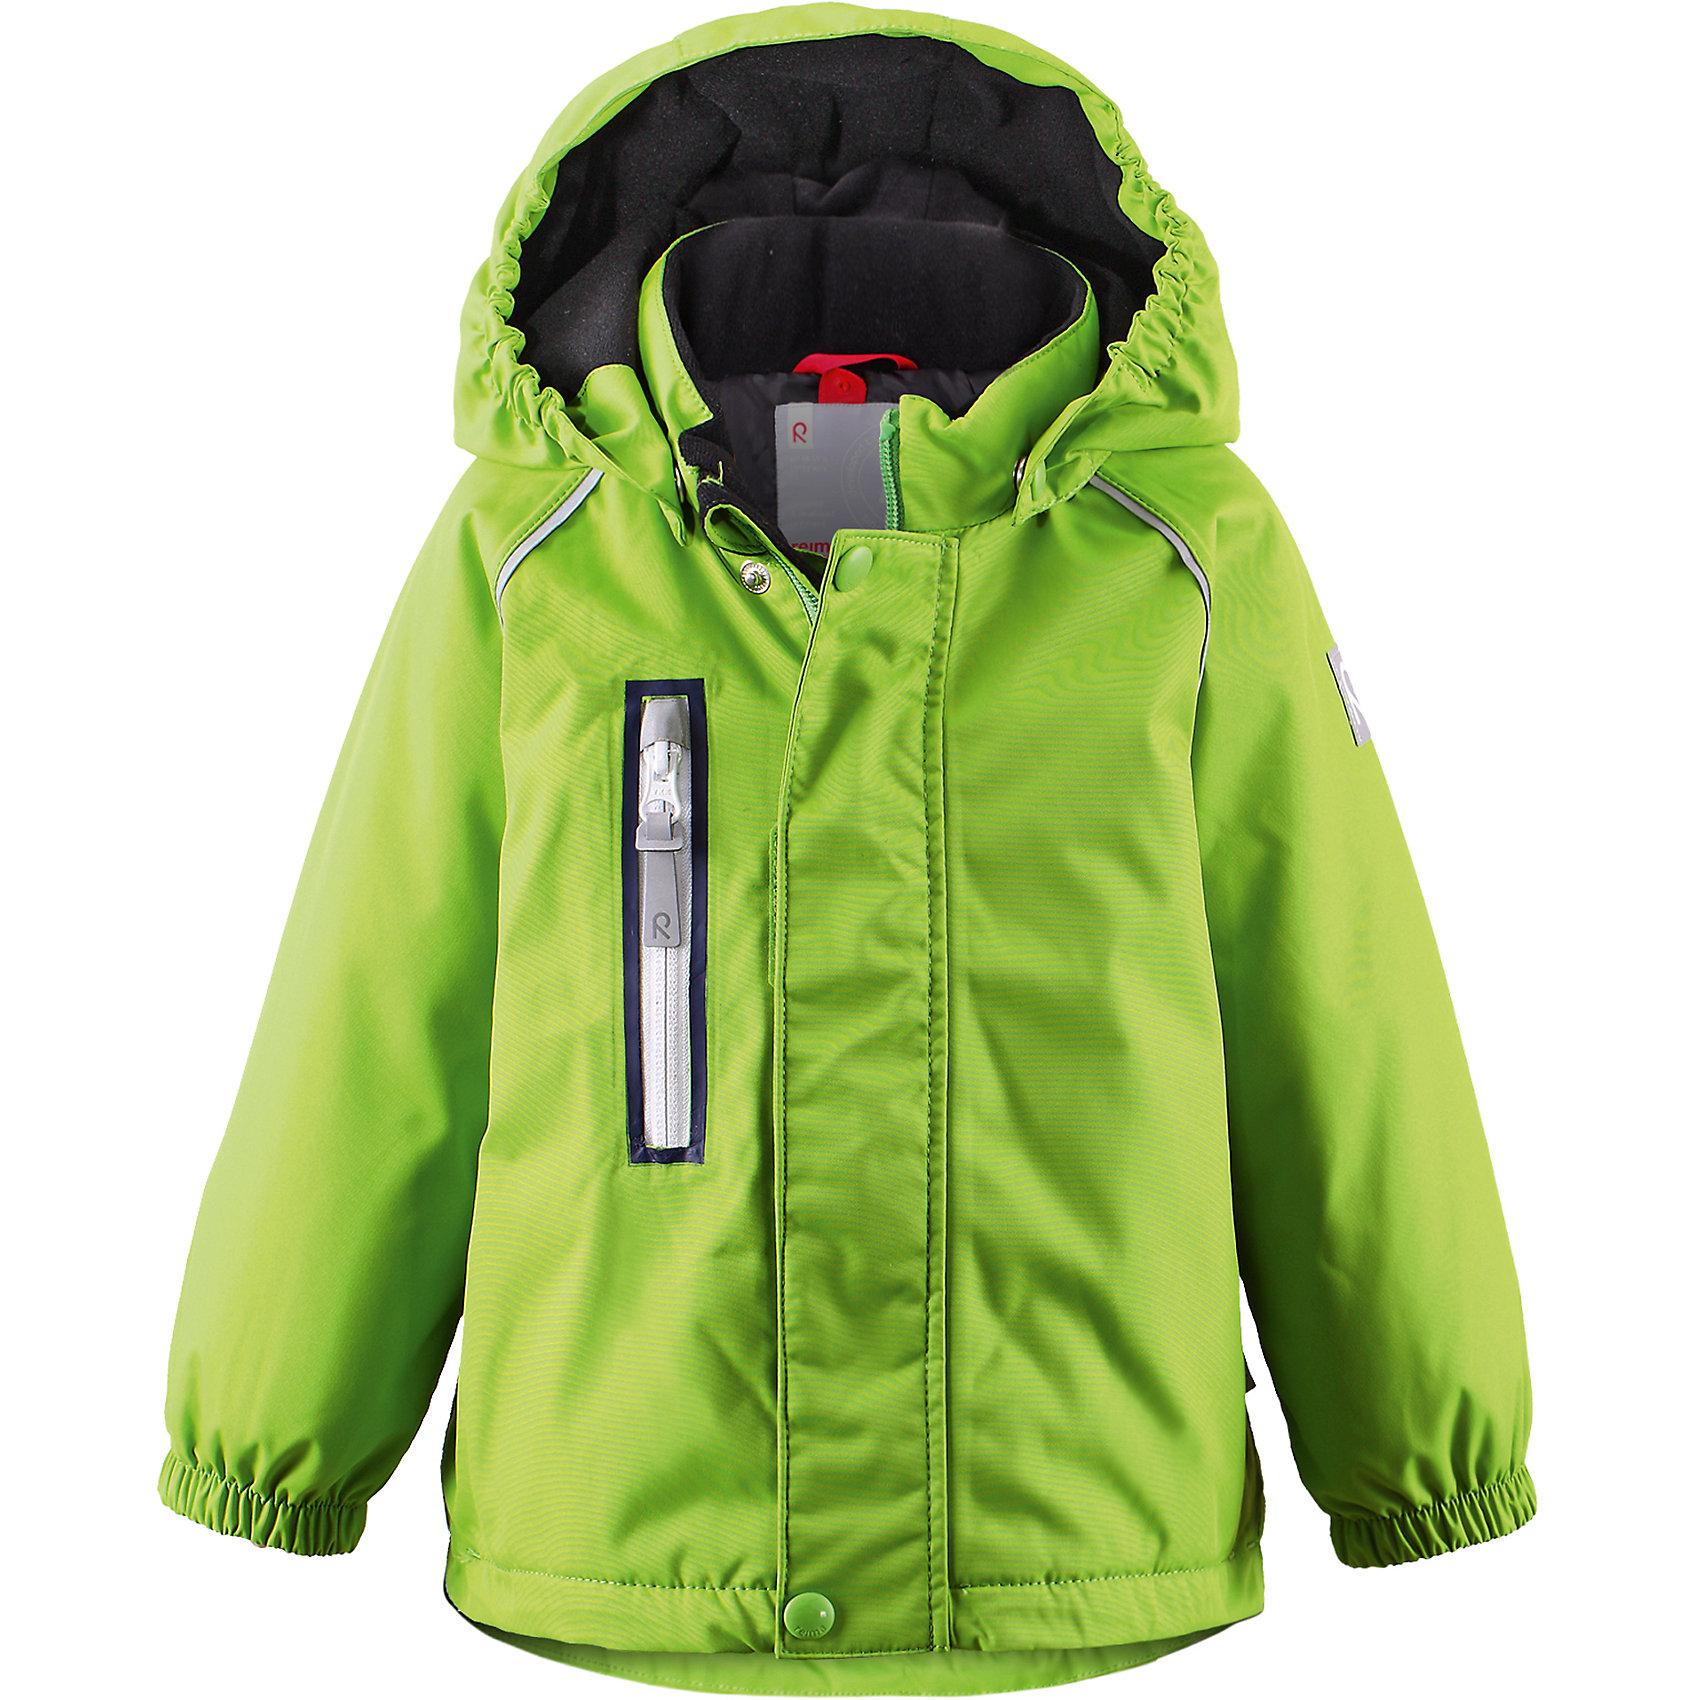 Куртка Pesue для девочки Reimatec® ReimaХарактеристики товара:<br><br>• цвет: зеленый<br>• состав: 100% полиэстер, полиуретановое покрытие<br>• температурный режим: 0° до -20° градусов<br>• утеплитель: Reima Comfort + 160 г<br>• водонепроницаемая мембрана: от 15000 мм<br>• основные швы проклеены<br>• съёмный капюшон<br>• молния<br>• светоотражающие детали<br>• «дышащий» материал<br>• ветро- водо- и грязеотталкивающий материал<br>• кнопки Reima® Play Layers <br>• карманы<br>• комфортная посадка<br>• страна производства: Китай<br>• страна бренда: Финляндия<br><br>Верхняя одежда для детей может быть модной и комфортной одновременно! Эти зимняя куртка поможет обеспечить ребенку комфорт и тепло. Она отлично смотрится с различной одеждой и обувью. Изделие удобно сидит и модно выглядит. Стильный дизайн разрабатывался специально для детей. Отличный вариант для активного отдыха зимой!<br><br>Одежда и обувь от финского бренда Reima пользуется популярностью во многих странах. Эти изделия стильные, качественные и удобные. Для производства продукции используются только безопасные, проверенные материалы и фурнитура. Порадуйте ребенка модными и красивыми вещами от Reima! <br><br>Куртку Pesue для девочки от финского бренда Reimatec® Reima (Рейма) можно купить в нашем интернет-магазине.<br><br>Ширина мм: 356<br>Глубина мм: 10<br>Высота мм: 245<br>Вес г: 519<br>Цвет: зеленый<br>Возраст от месяцев: 24<br>Возраст до месяцев: 36<br>Пол: Унисекс<br>Возраст: Детский<br>Размер: 98,92,86,80<br>SKU: 5415445